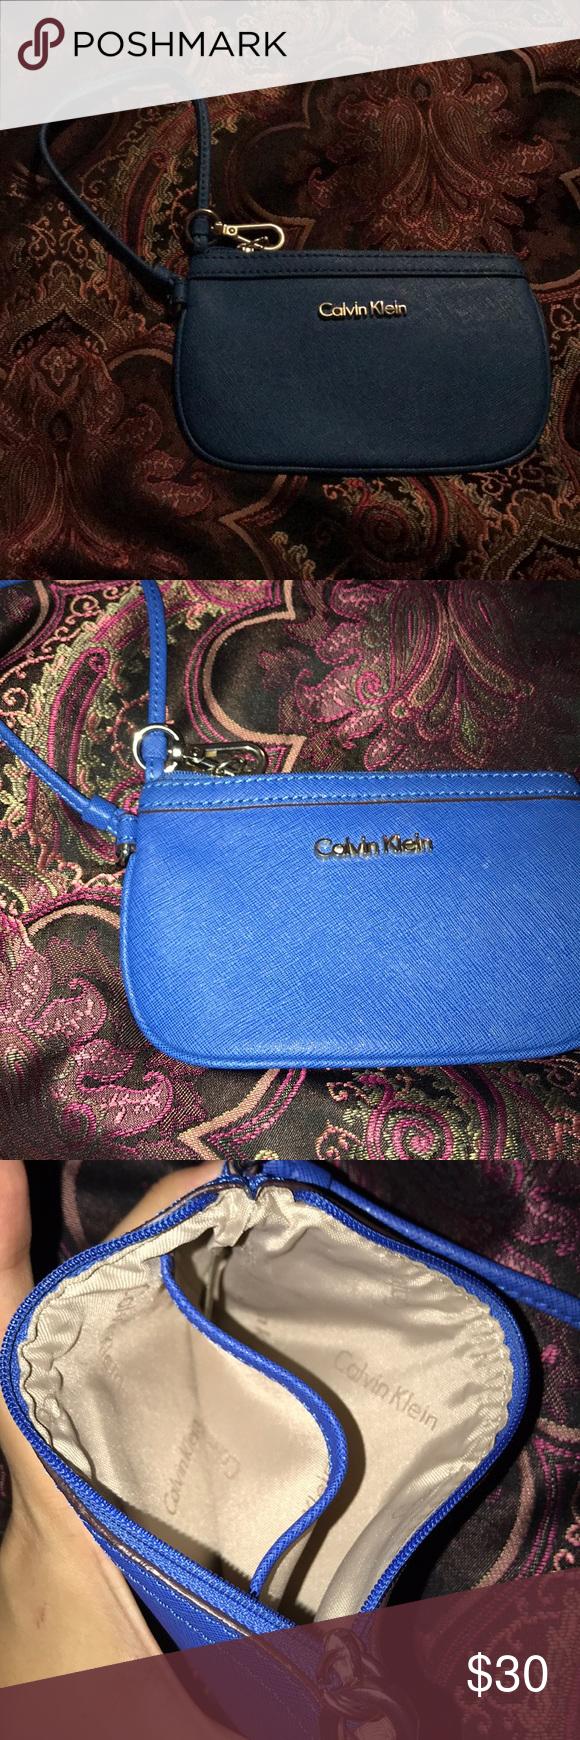 Womens Calvin Klein Leather Wristlet NWT   Calvin klein